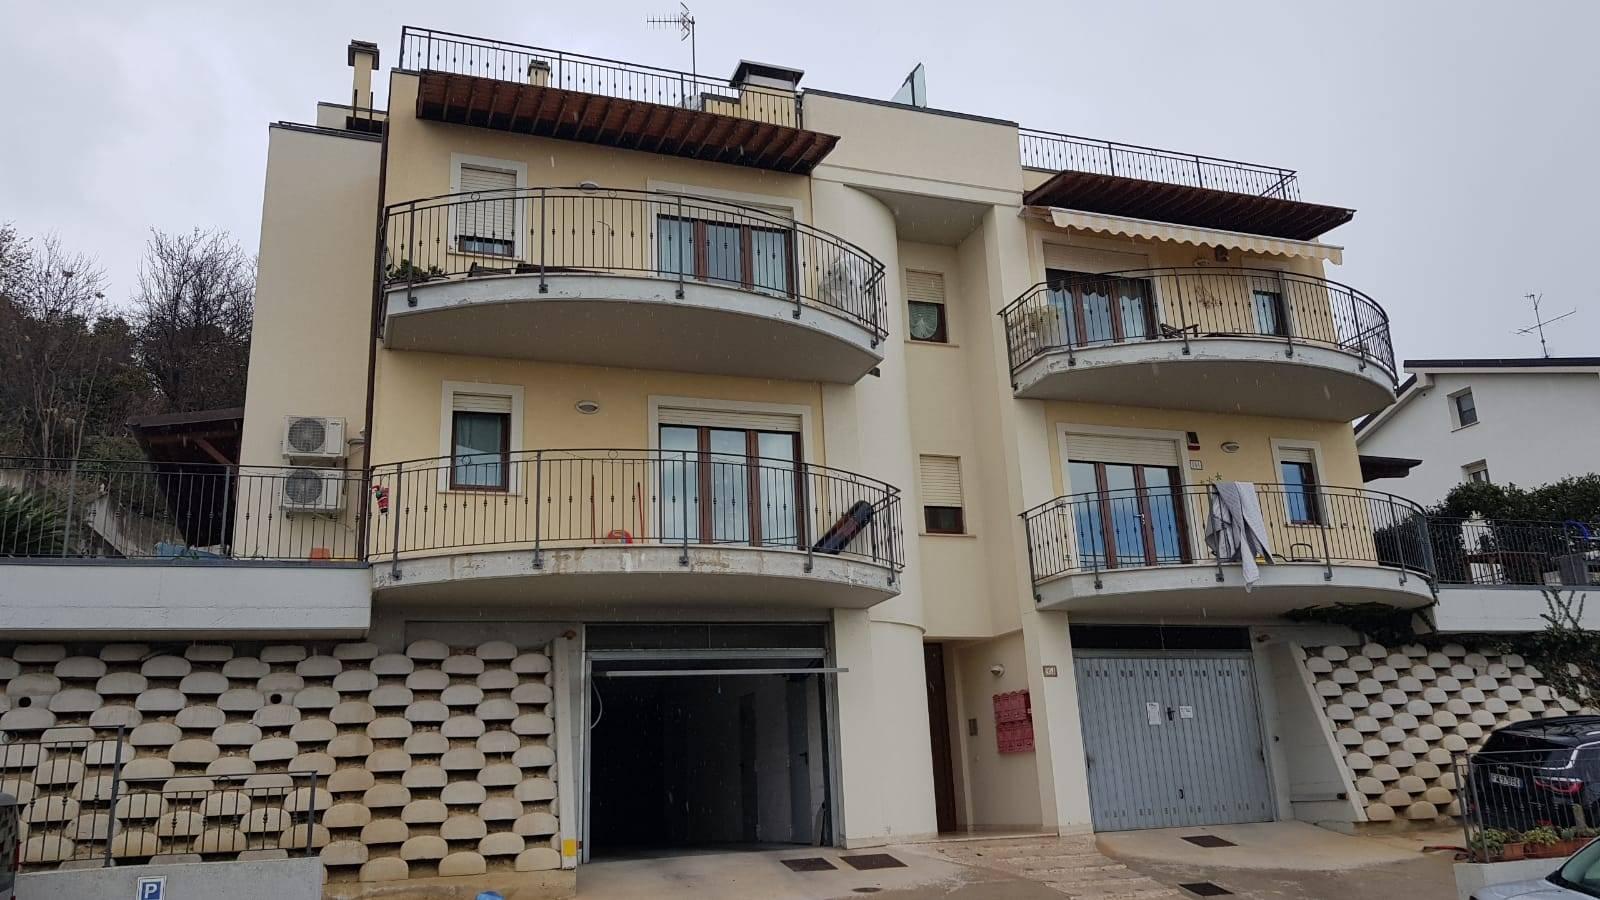 Appartamento in vendita a Monteprandone, 3 locali, zona Località: COLLINARE, prezzo € 135.000   PortaleAgenzieImmobiliari.it